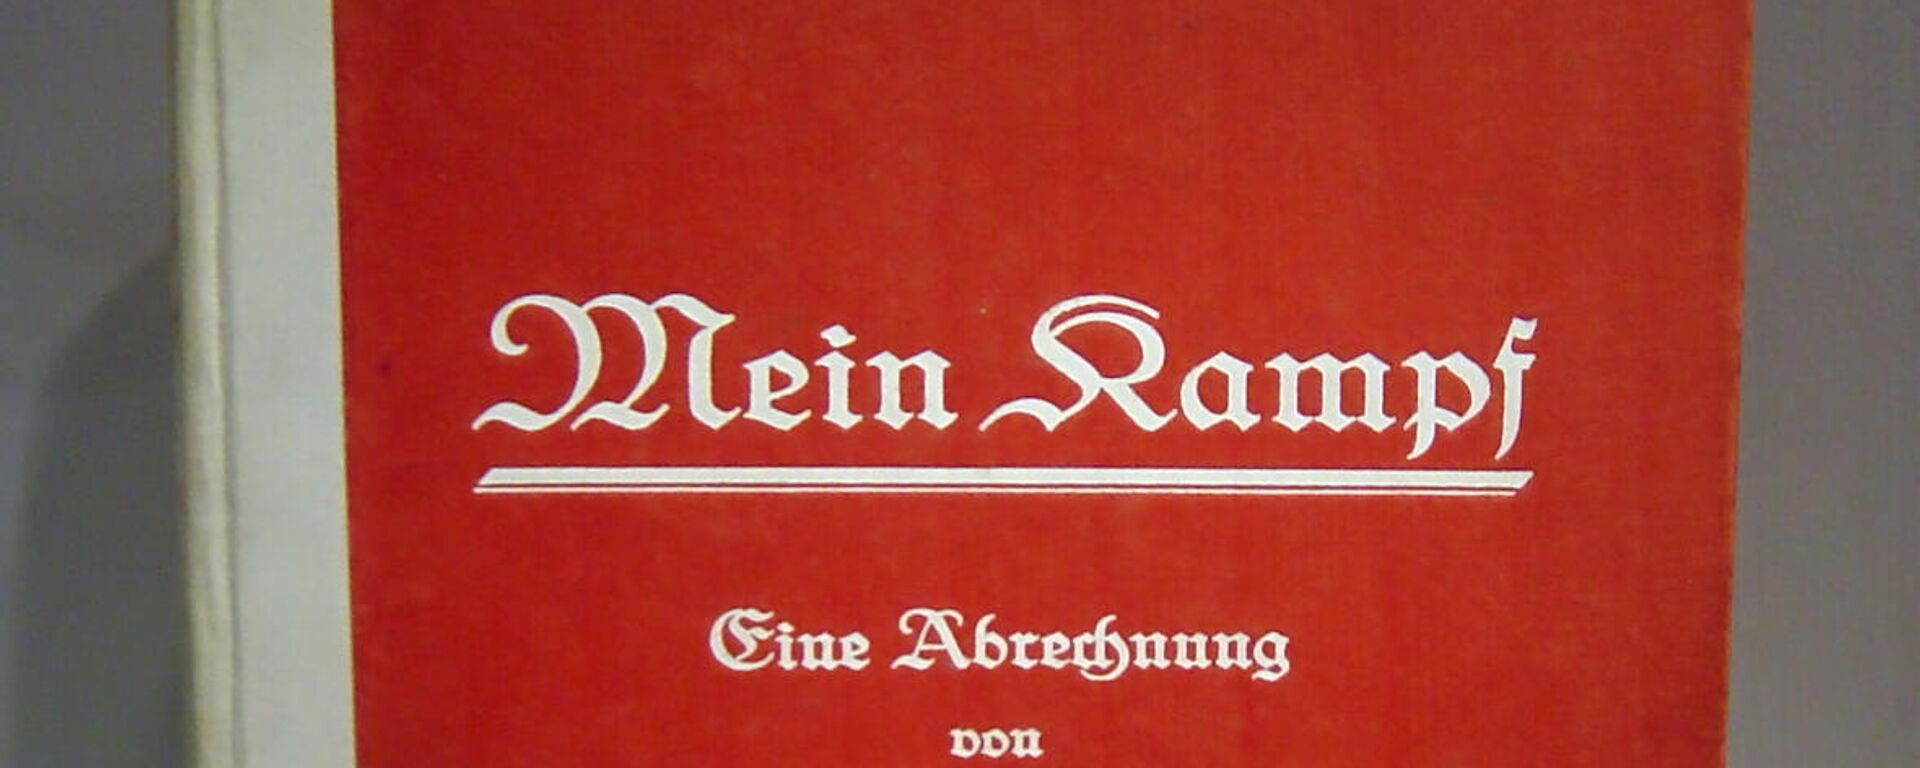 Deutsche Erstausgabe des ersten Bandes von Mein Kampf, Juli 1925 - SNA, 1920, 12.08.2021